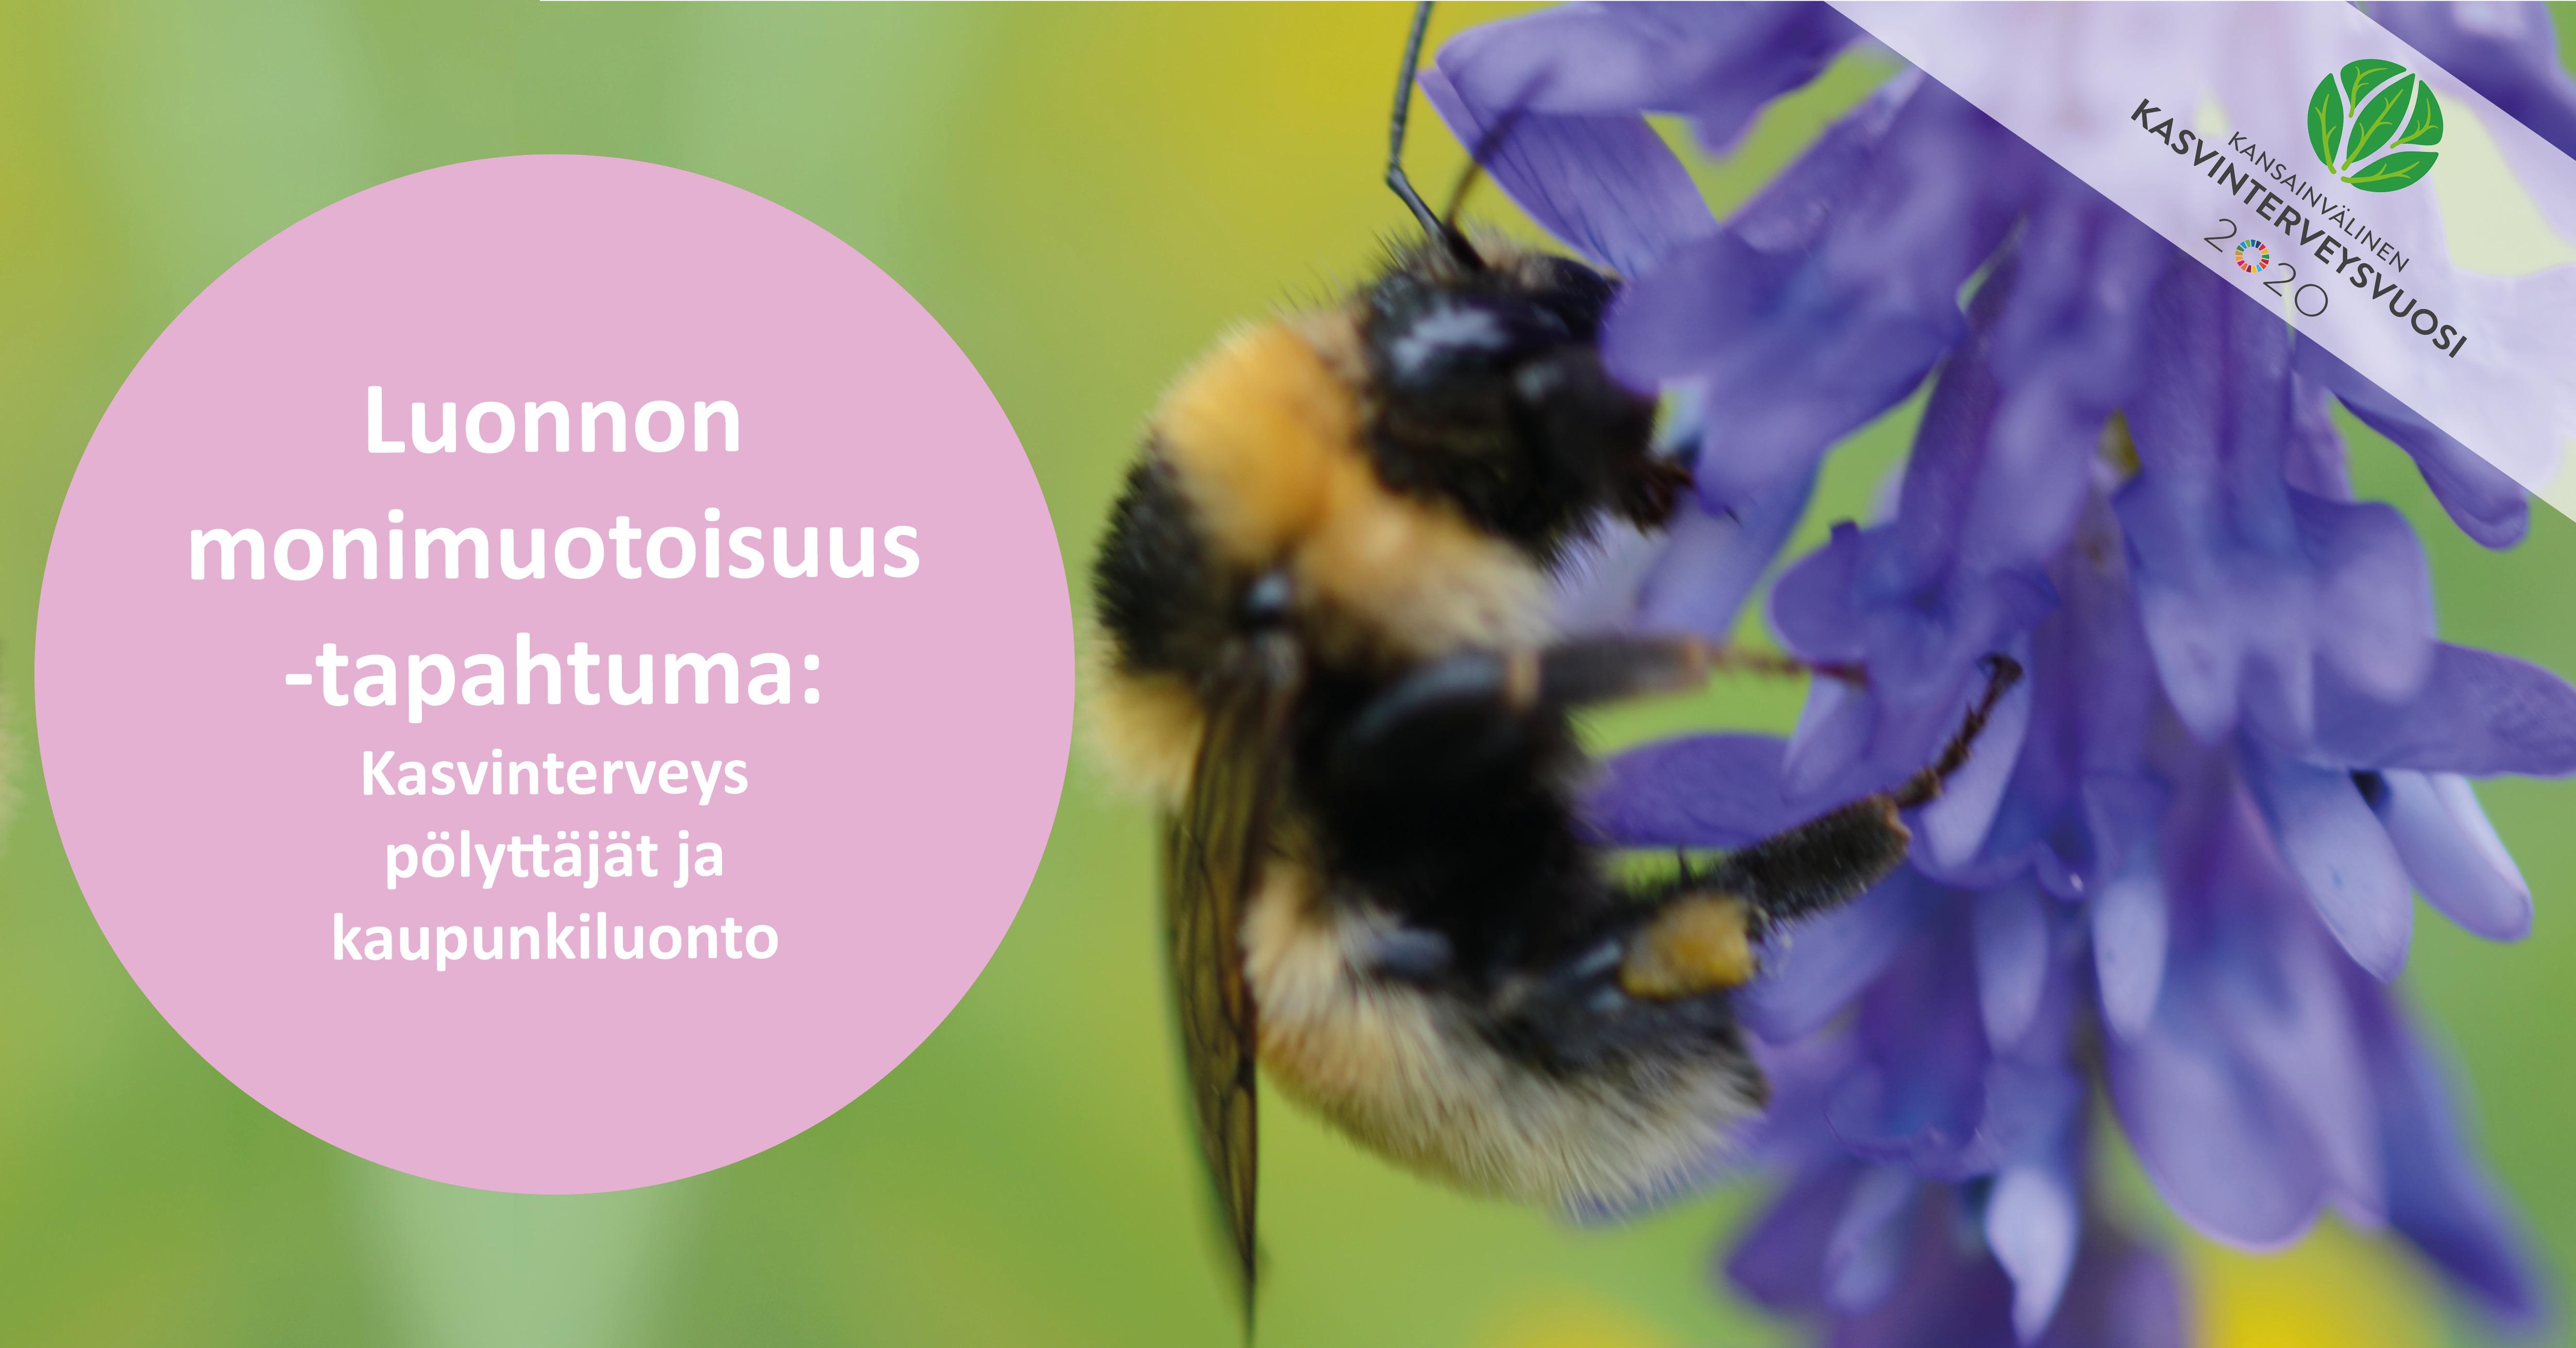 Linkki tapahtumaan Luonnon monimuotoisuus –tapahtuma: kasvinterveys, pölyttäjät ja kaupunkiluonto